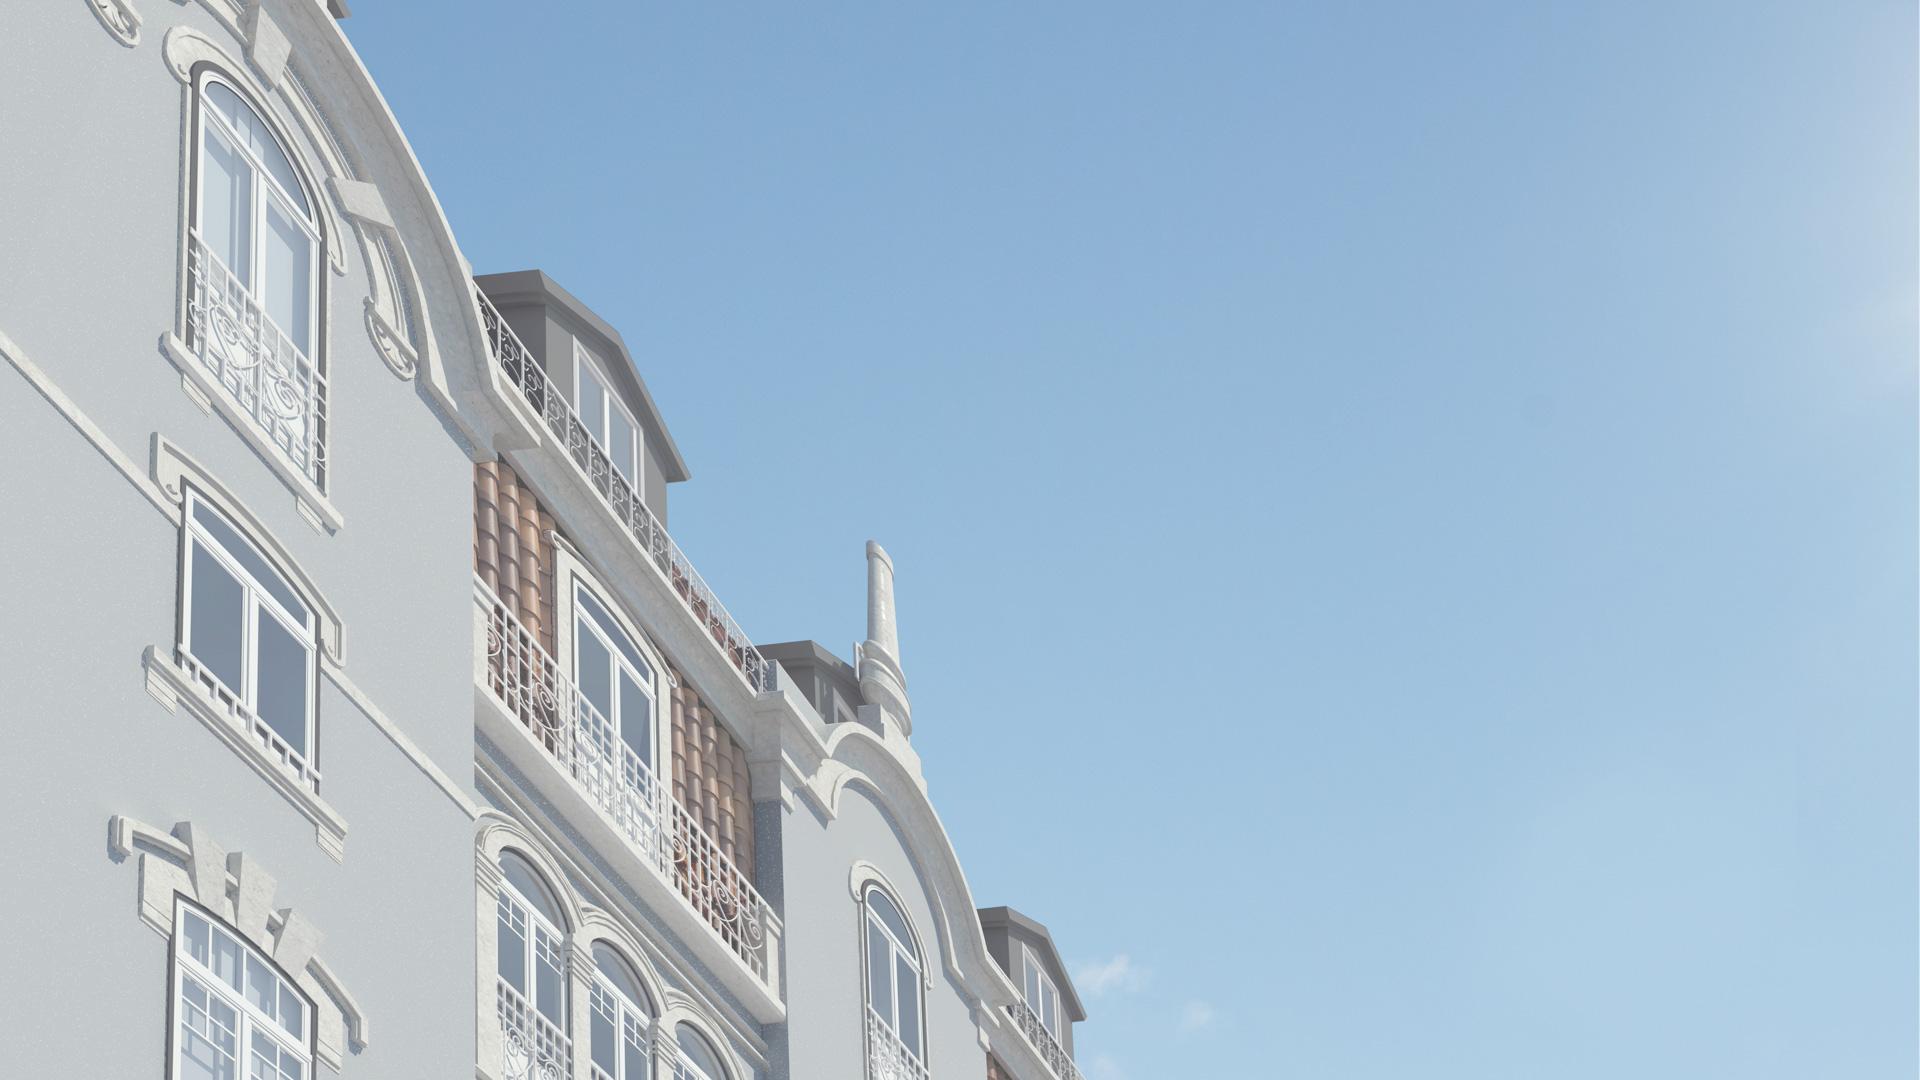 Lisbon in all it's majesty